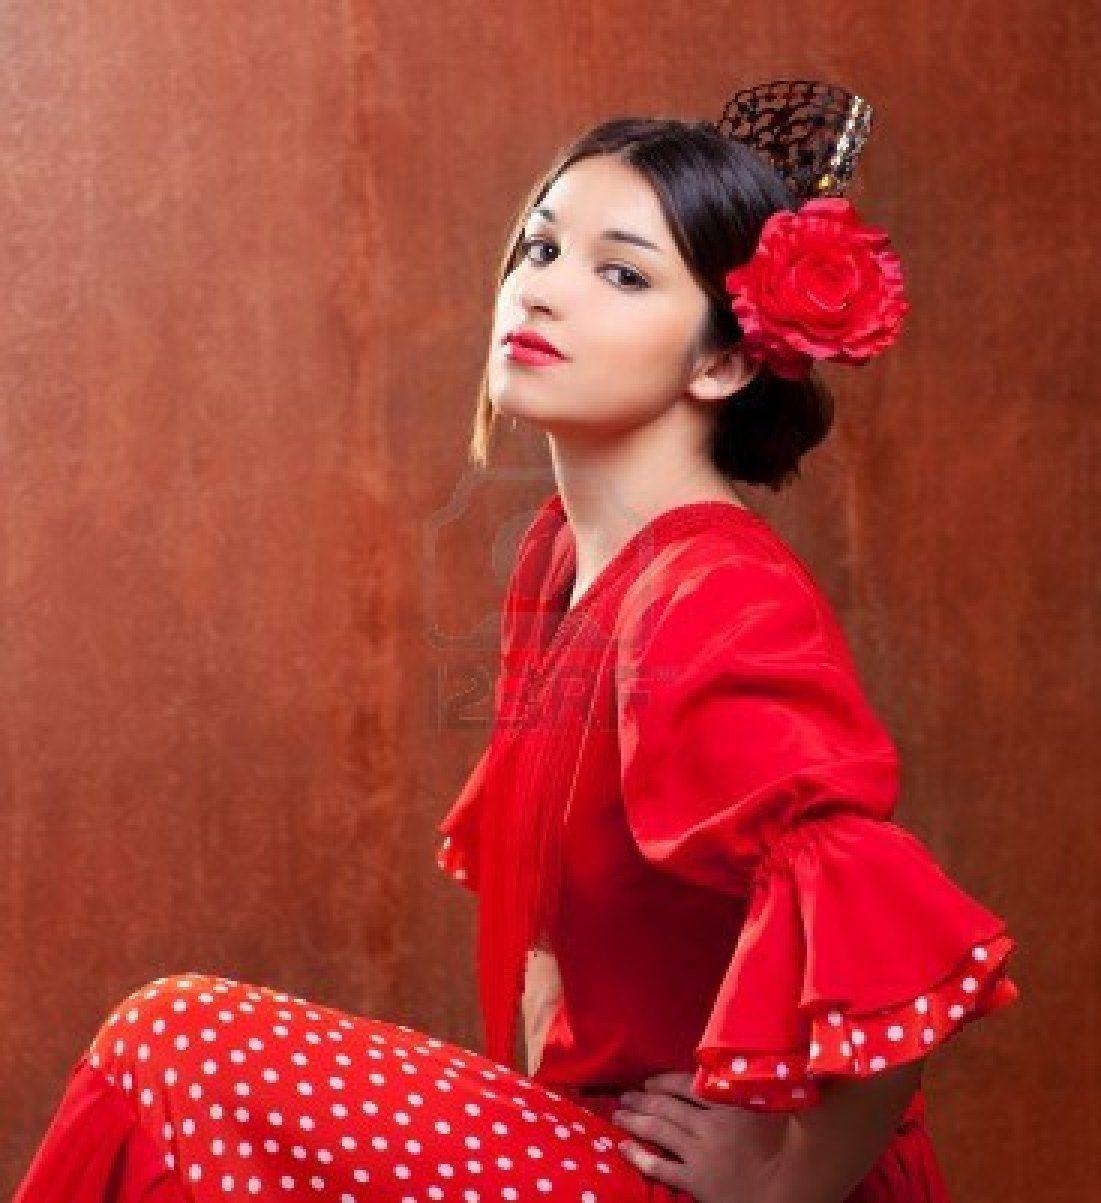 6d568078b España bailaora gitana con la rosa roja y un peine peineta española Foto de  archivo